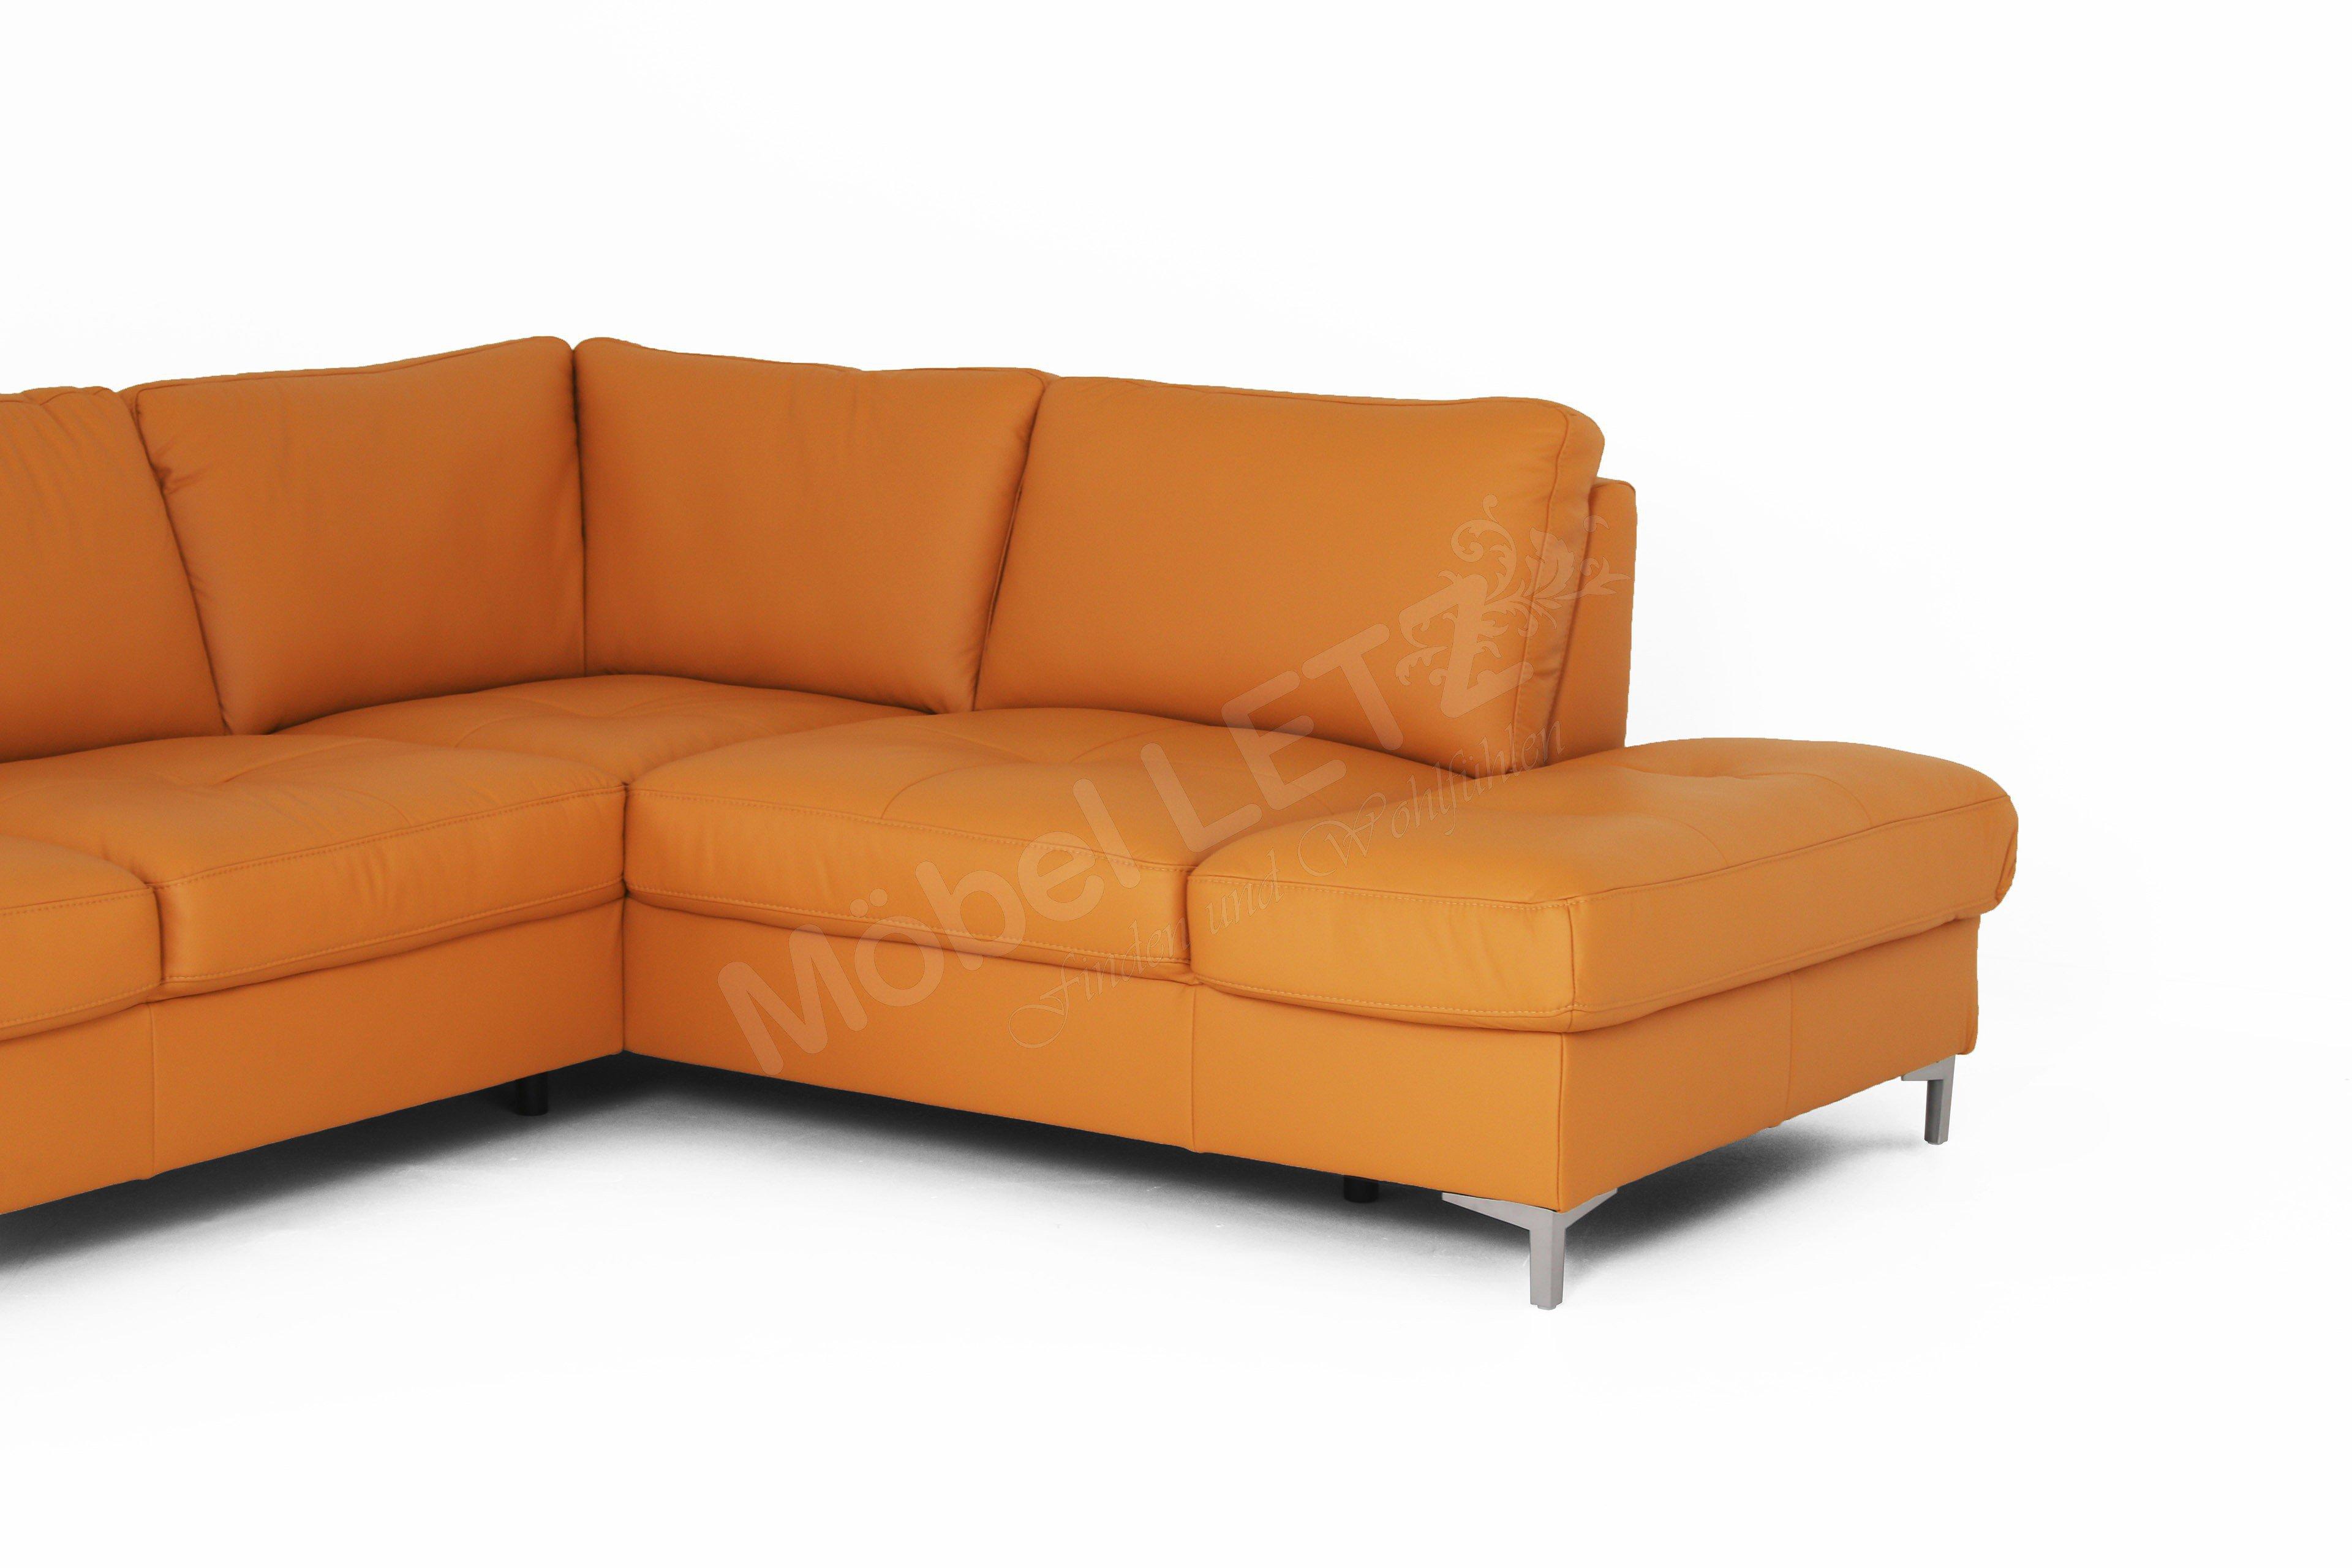 polinova larissa ledersofa curry m bel letz ihr online shop. Black Bedroom Furniture Sets. Home Design Ideas